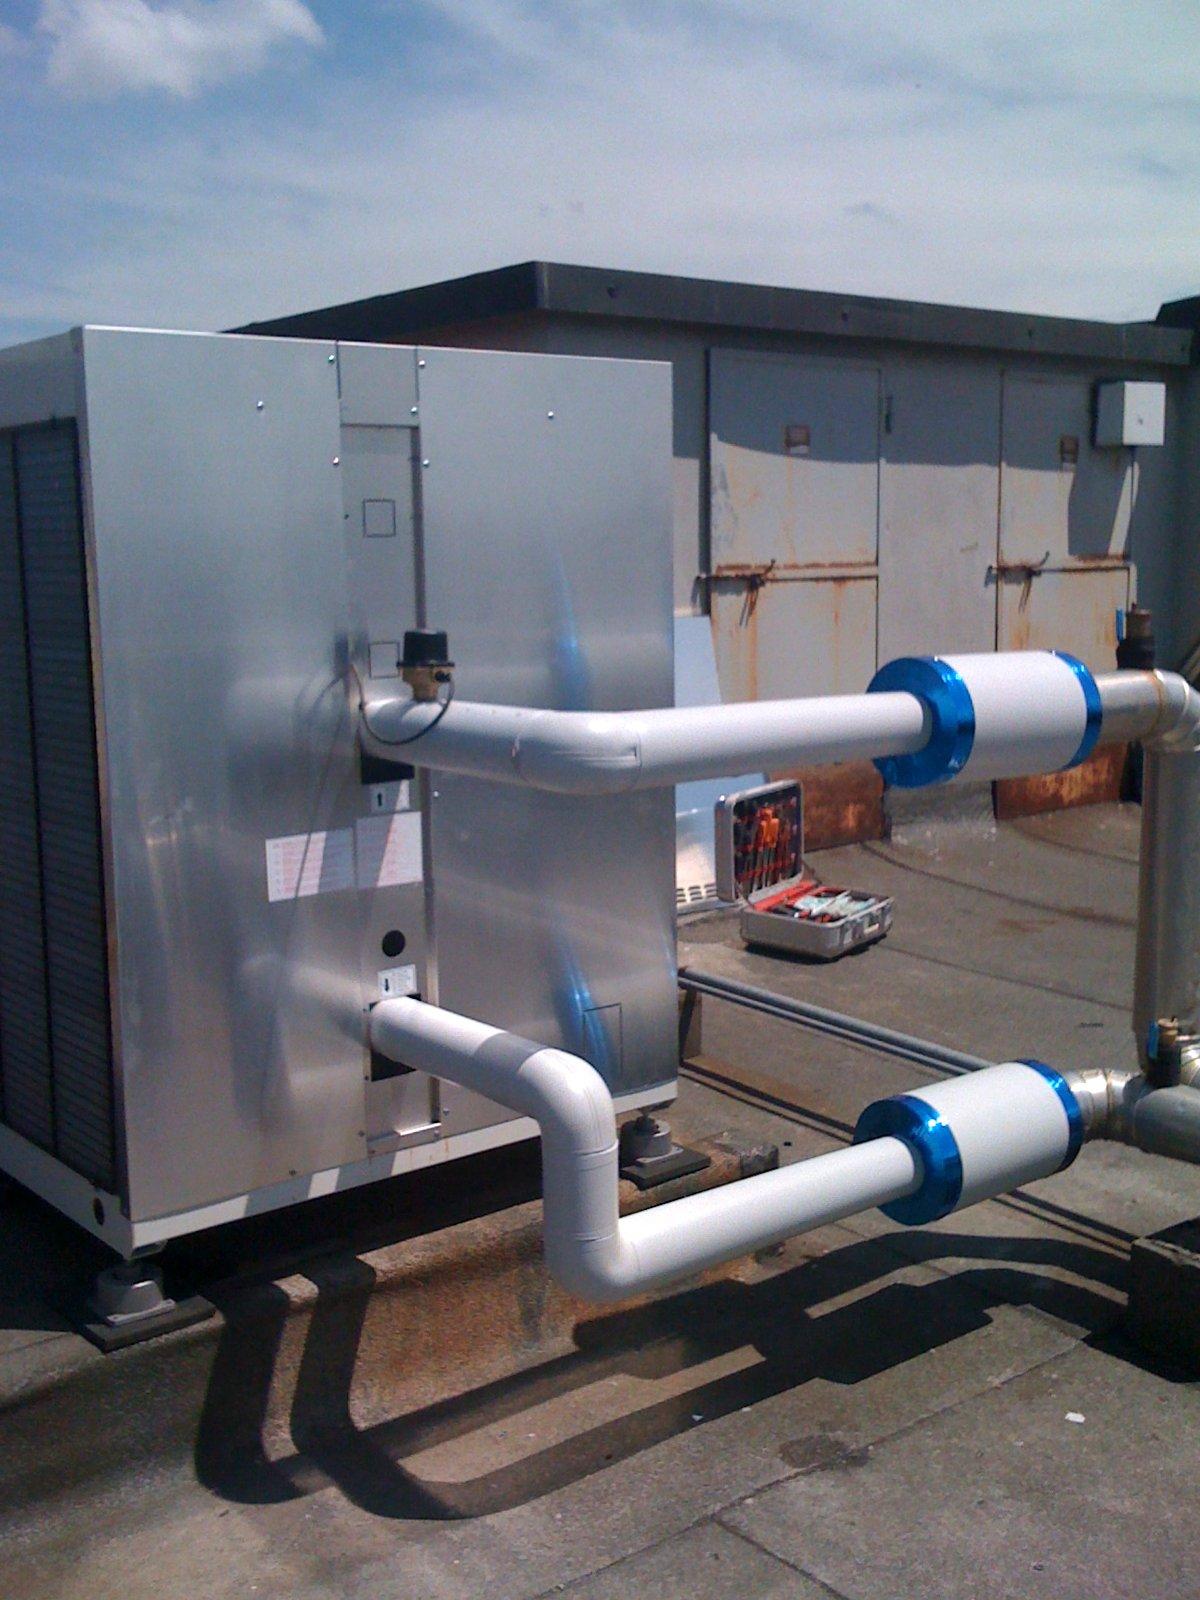 Impianto a pompa di calore aria acqua cattozzi ivo impianti for Costo pompa di calore aria acqua